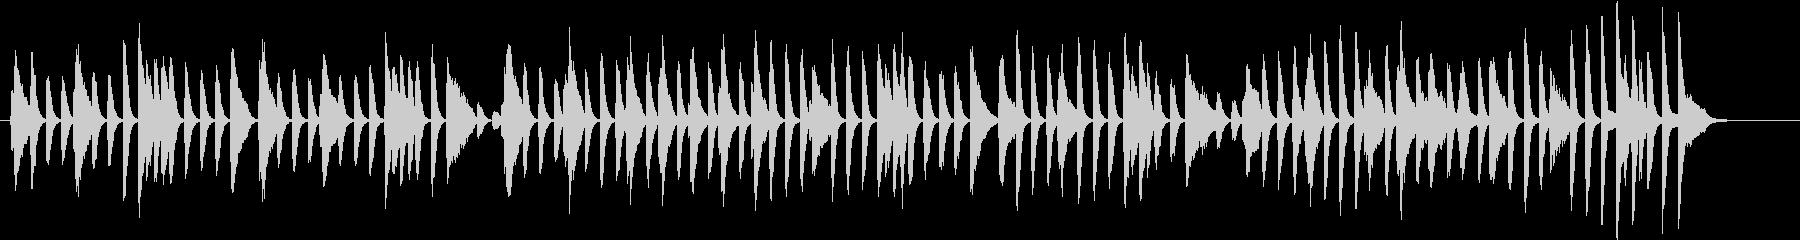 軽快な明るいピアノBGMの未再生の波形